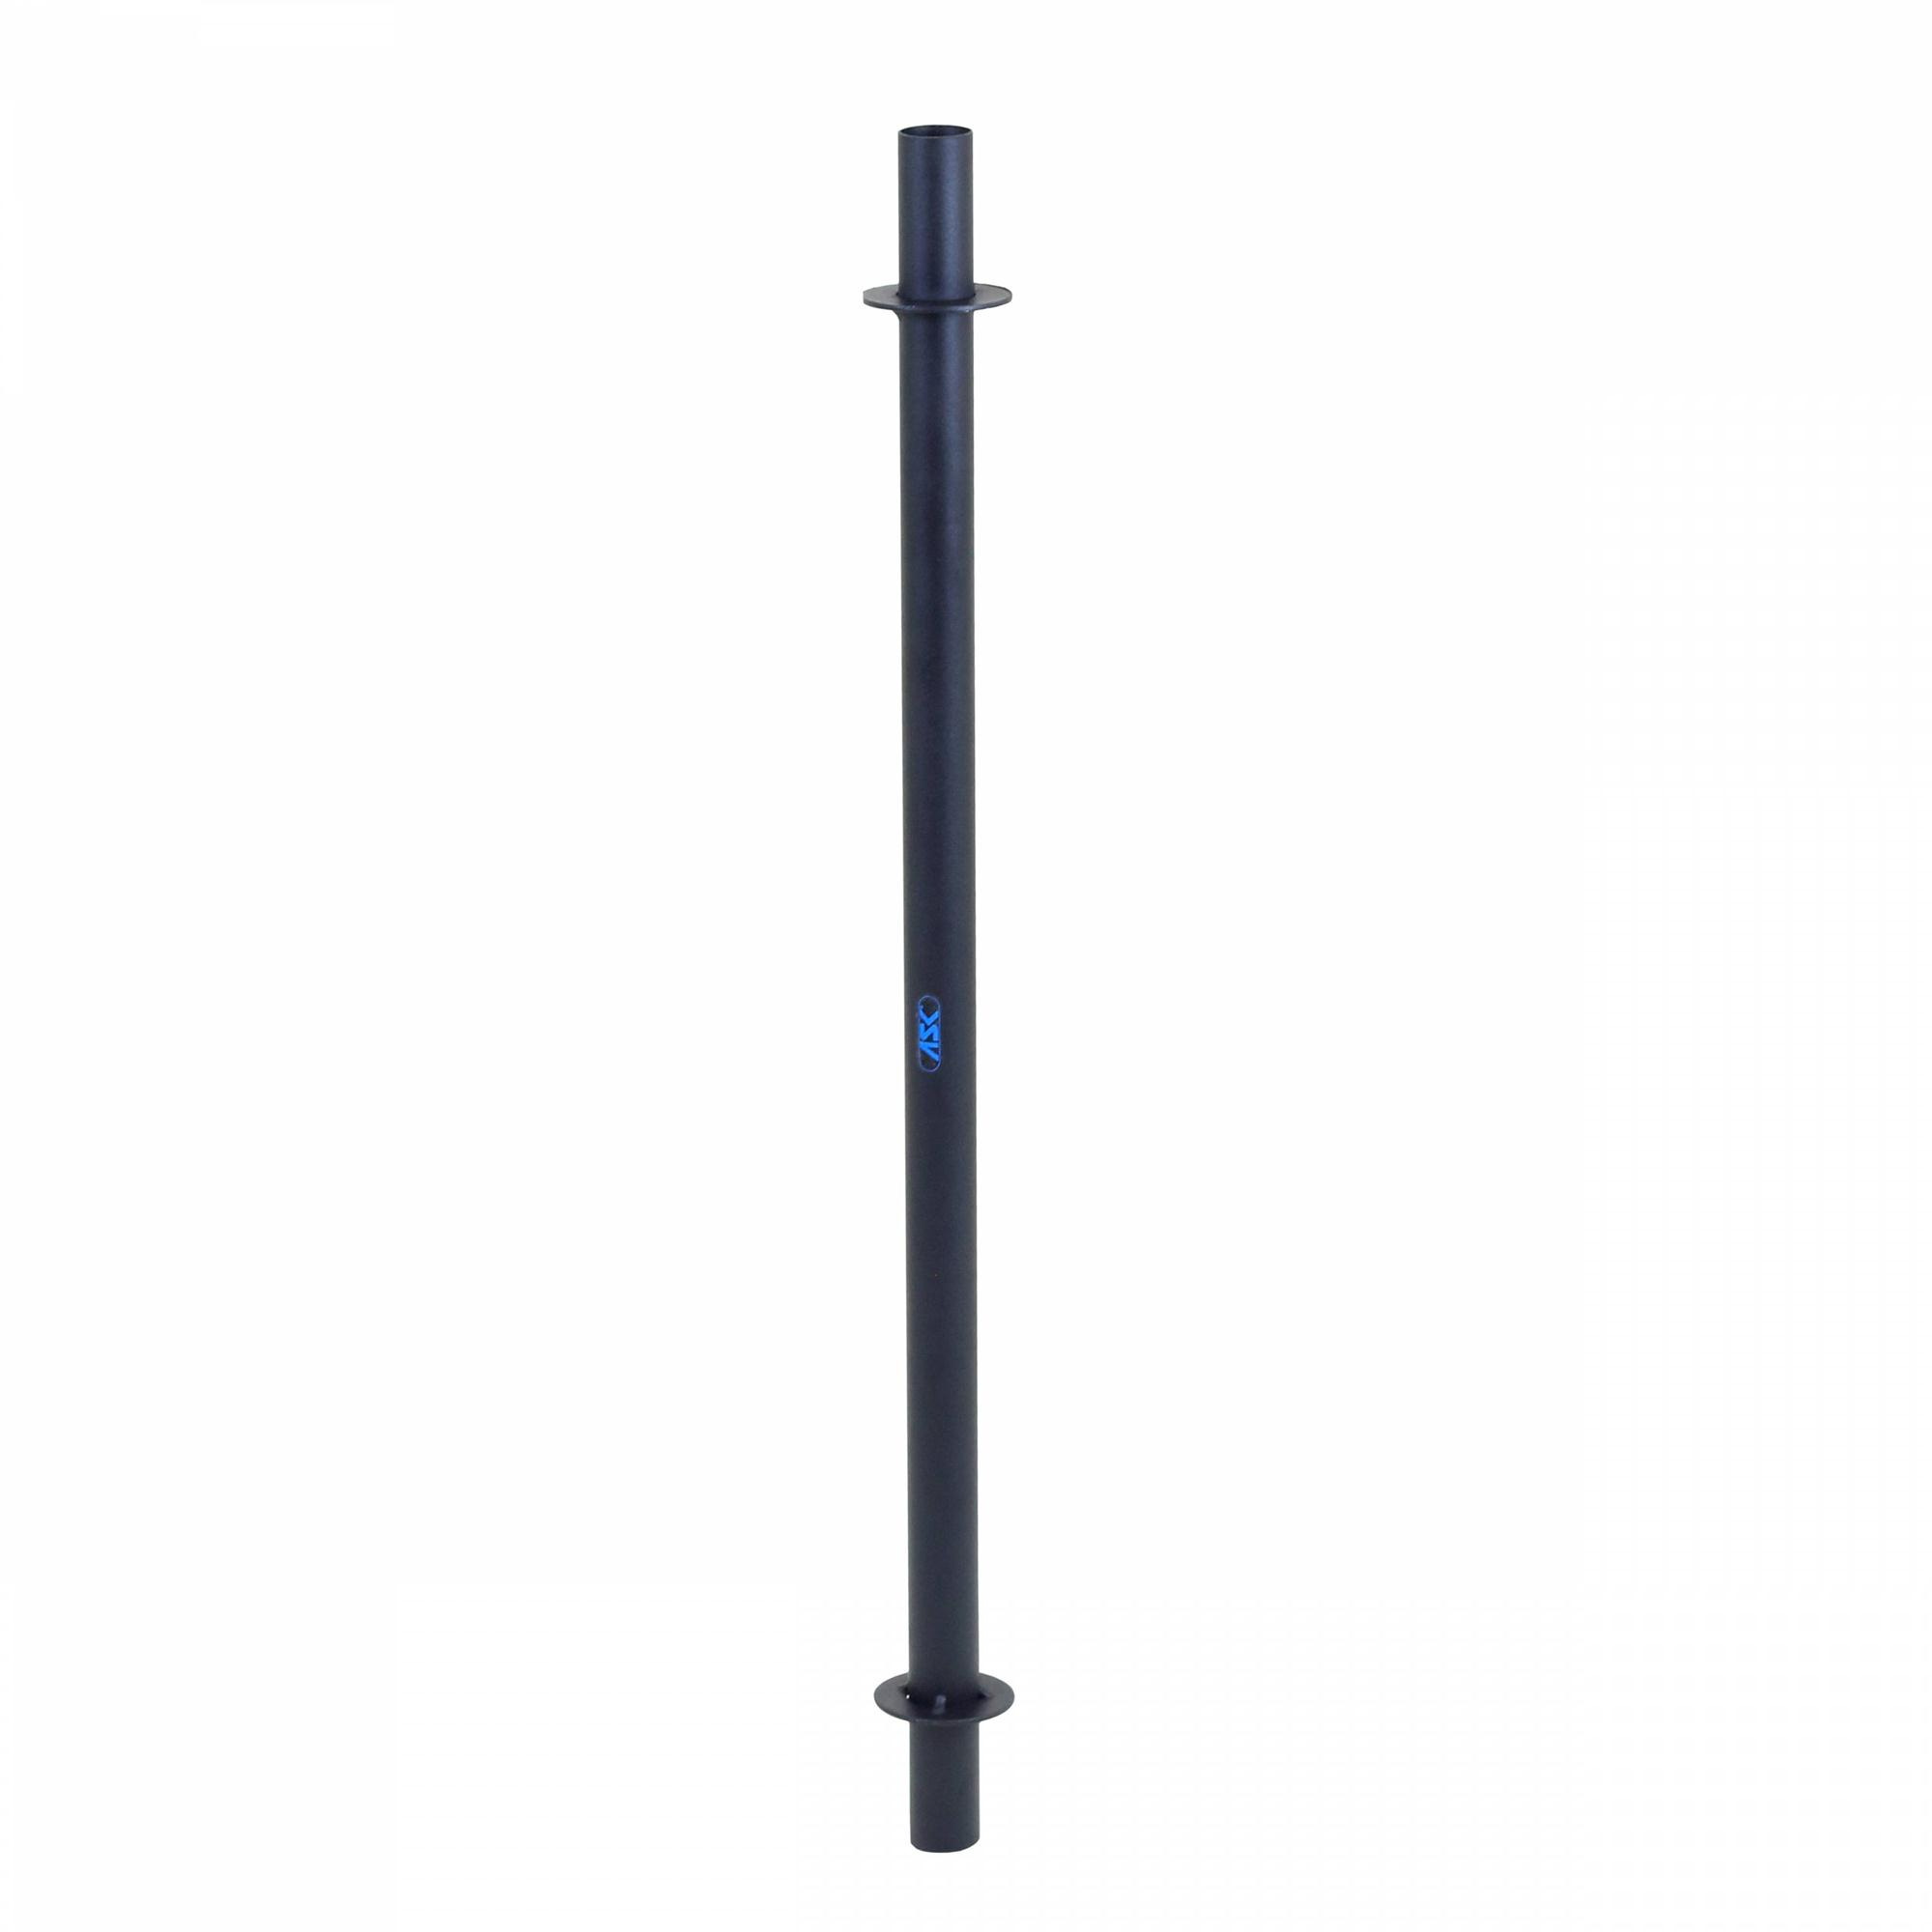 ASK Extensor para Caixa de Som EXT850 (85cm)